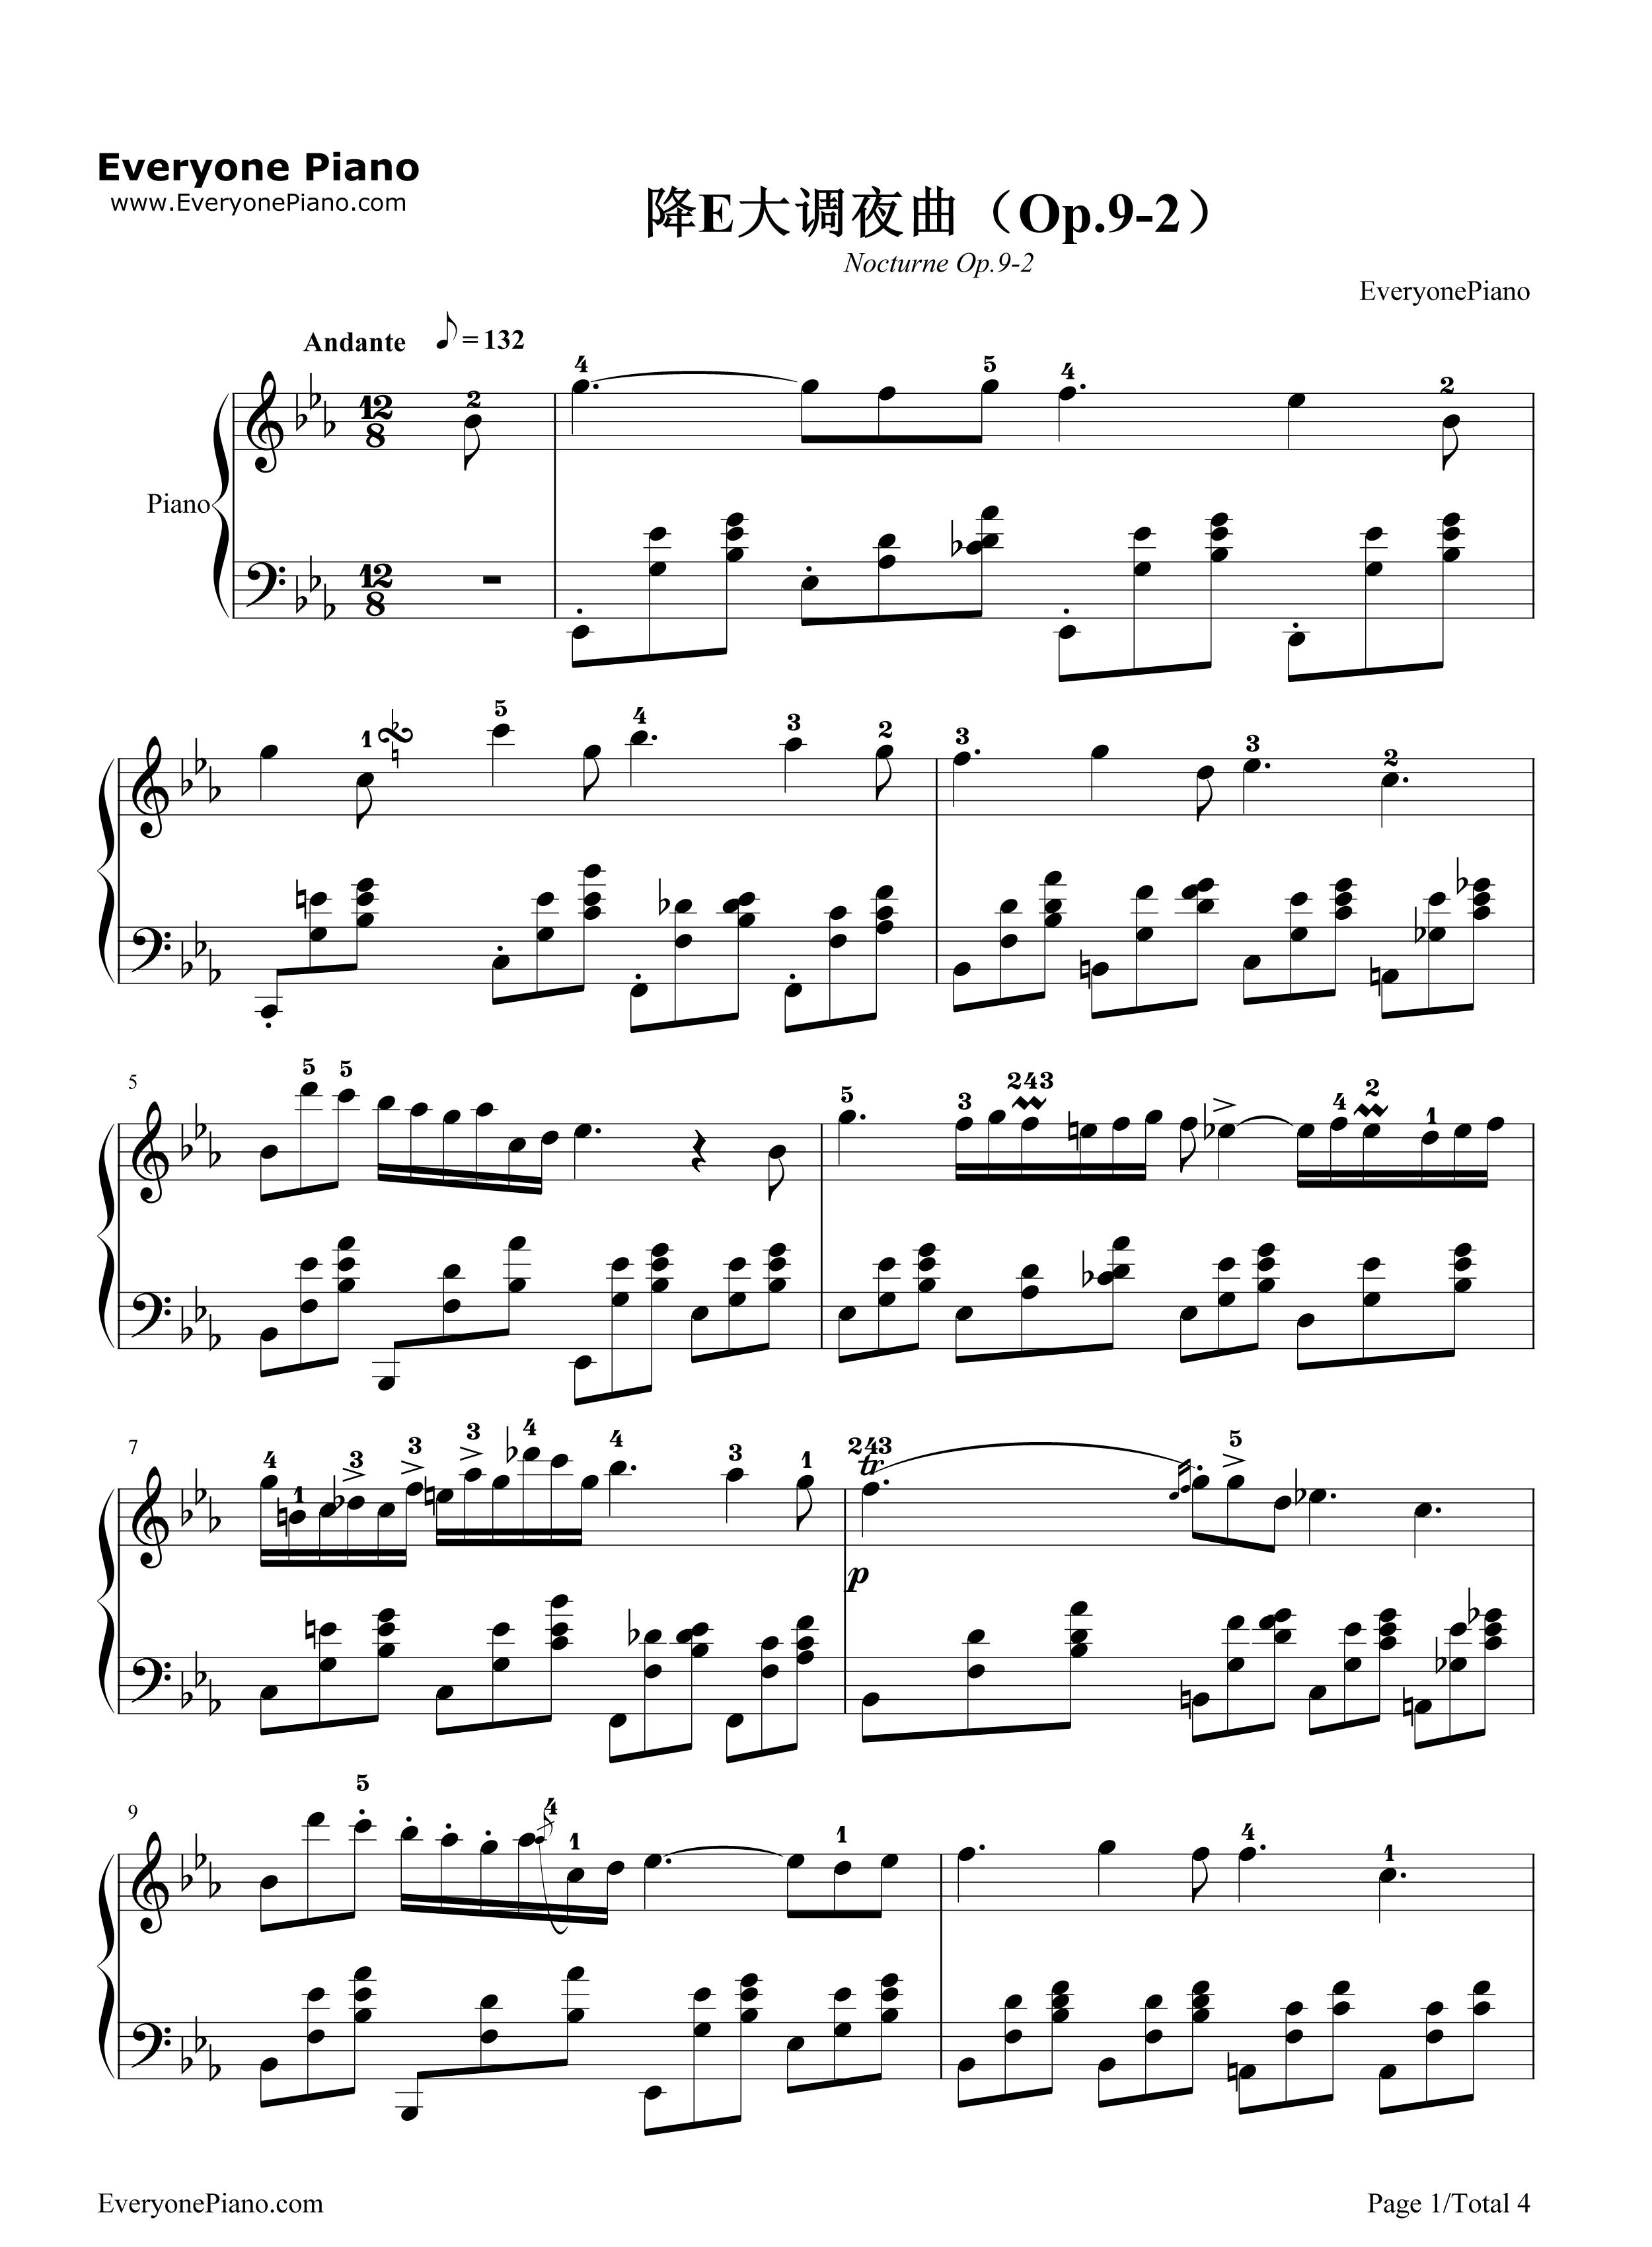 降e大调夜曲-肖邦五线谱预览1-钢琴谱(五线谱,双手)